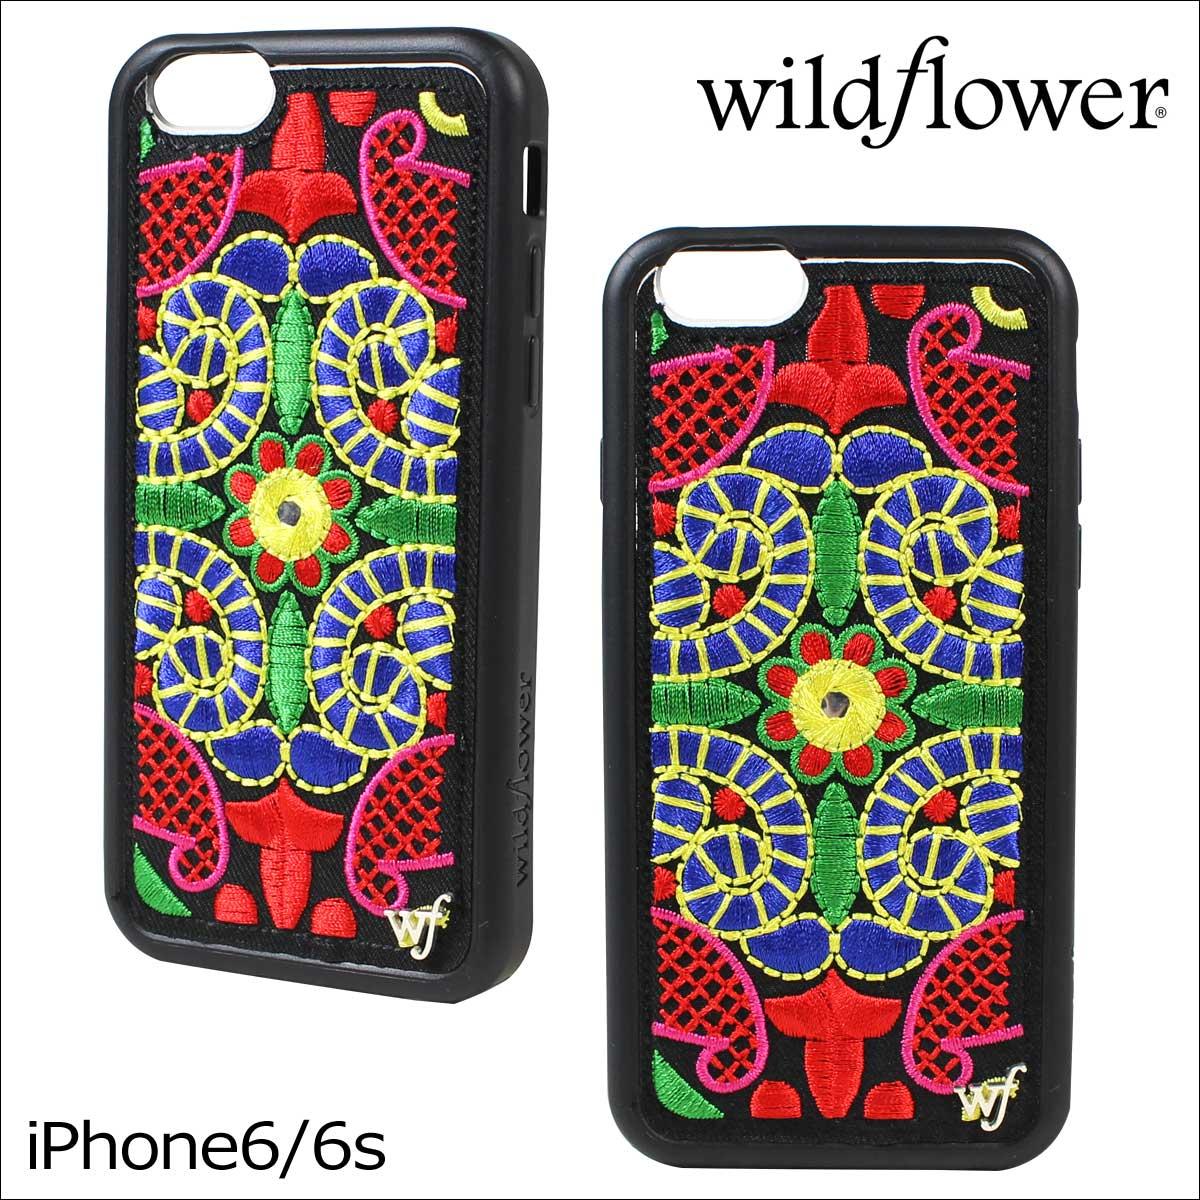 wildflower ワイルドフラワー iPhone8 SE 7 6 6s ケース スマホ 携帯 アイフォン レディース マルチカラー GEOT ネコポス可